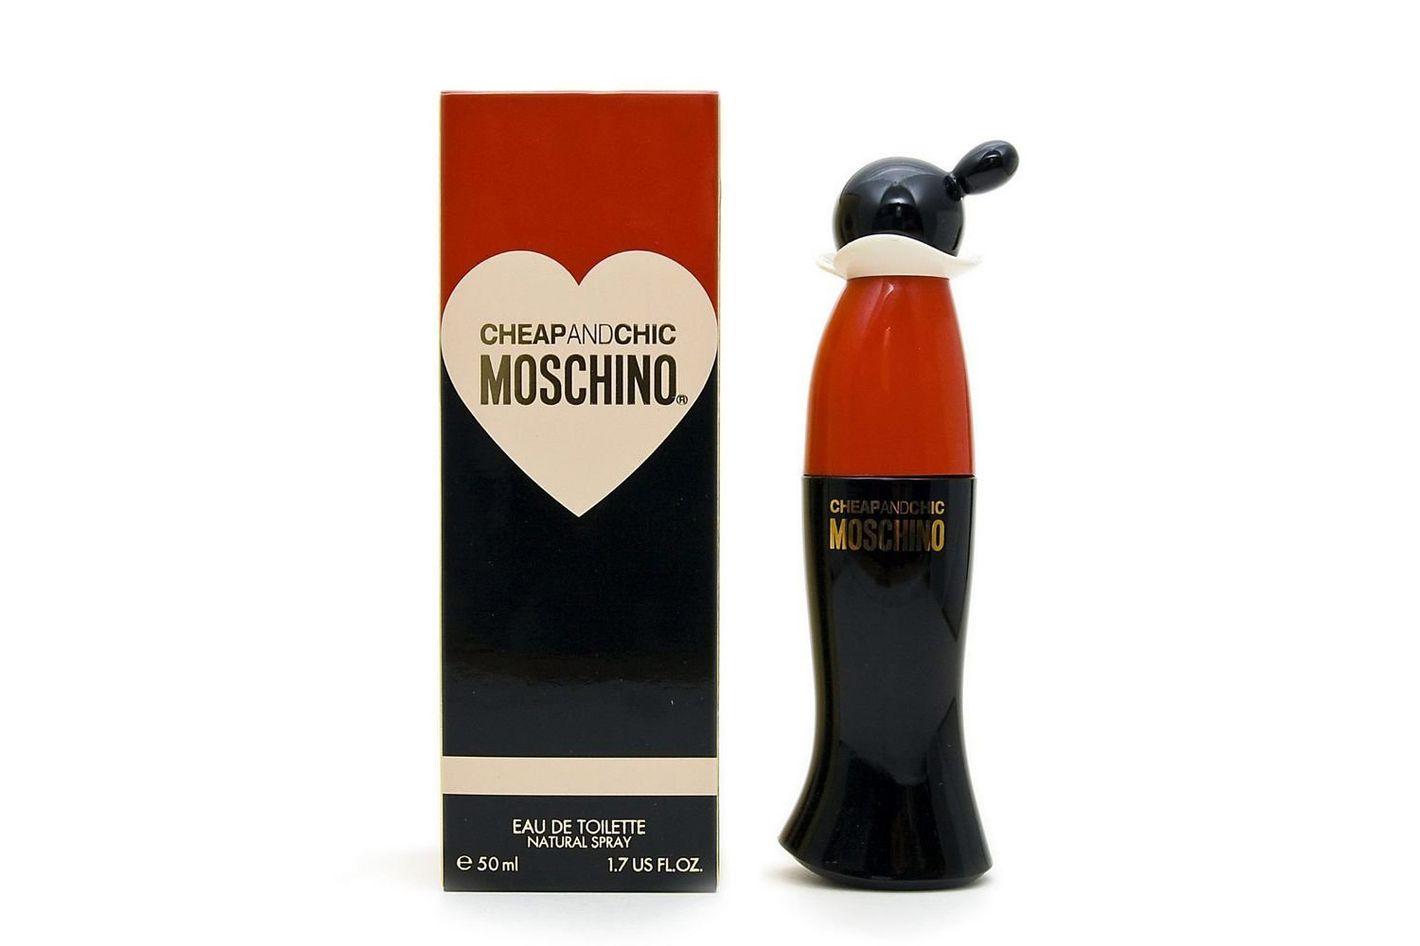 Moschino Chip & Chic Perfume